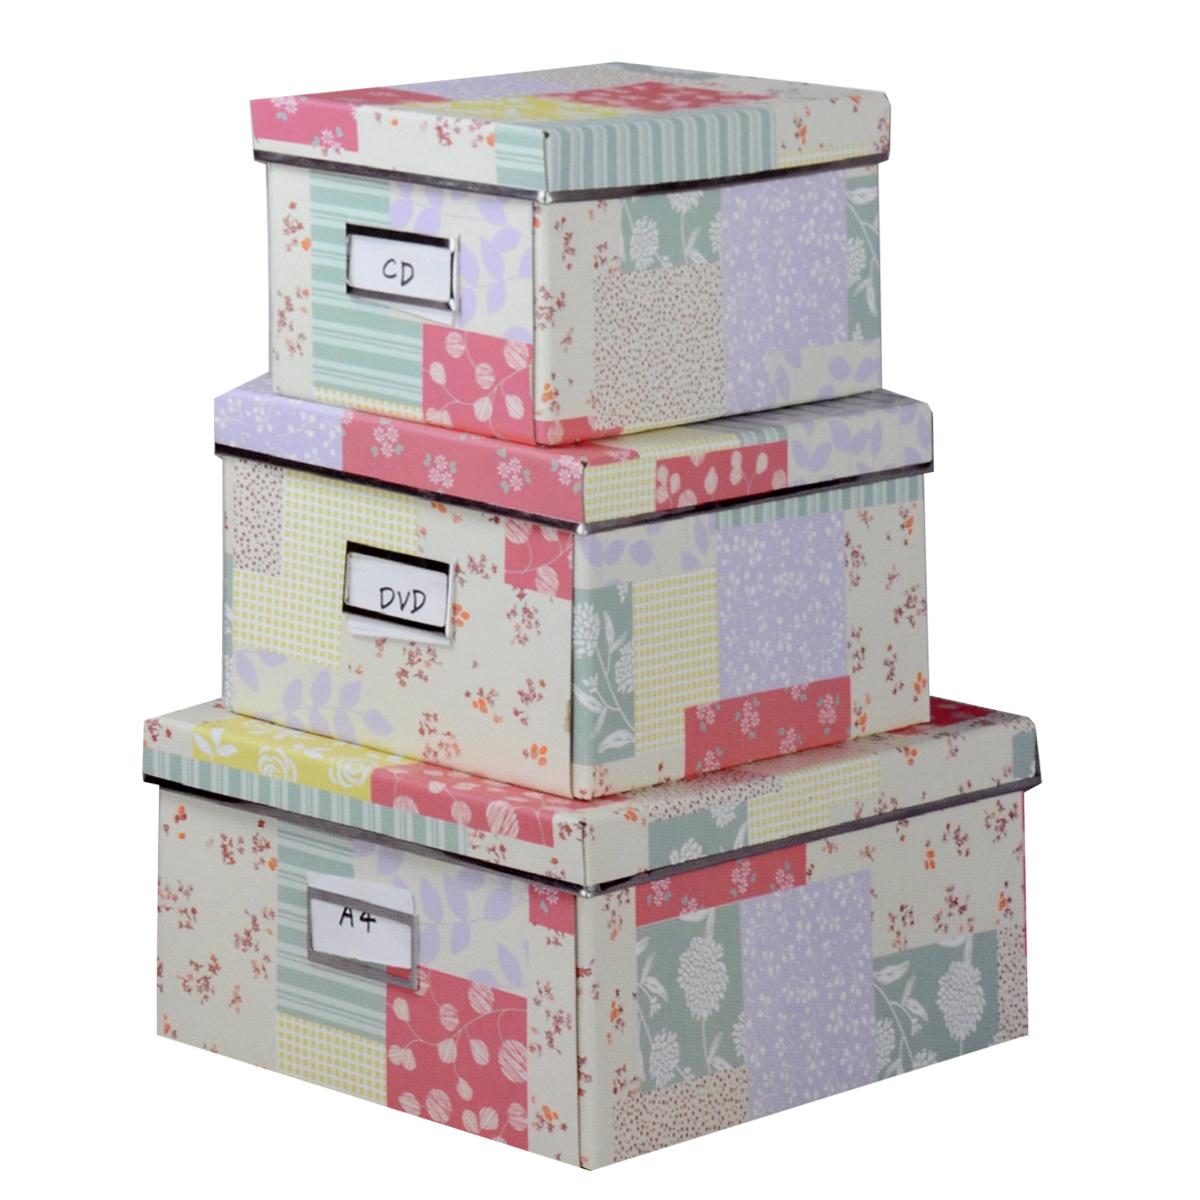 Набор коробок для хранения Нежность, 3 штБрелок для ключейКофры для хранения Нежность прекрасно подойдут для хранения личных вещей, различных аксессуаров, а также бытовых предметов. В комплекте 3 прямоугольных кофра разного размера, с крышками. Изделия выполнены из плотного картона, внешняя поверхность оформлена красивым растительным узором пастельных оттенков. Каждая из коробок снабжена специальным окошком, куда можно поместить стикер с пометкой содержимого. Эстетичный дизайн позволит набору гармонично вписаться в любой интерьер.Размер малого кофра: 16 см х 28 см х 14 см. Размер среднего кофра: 21 см х 28 см х 15 см. Размер большого кофра: 25 см х 36 см х 15 см.